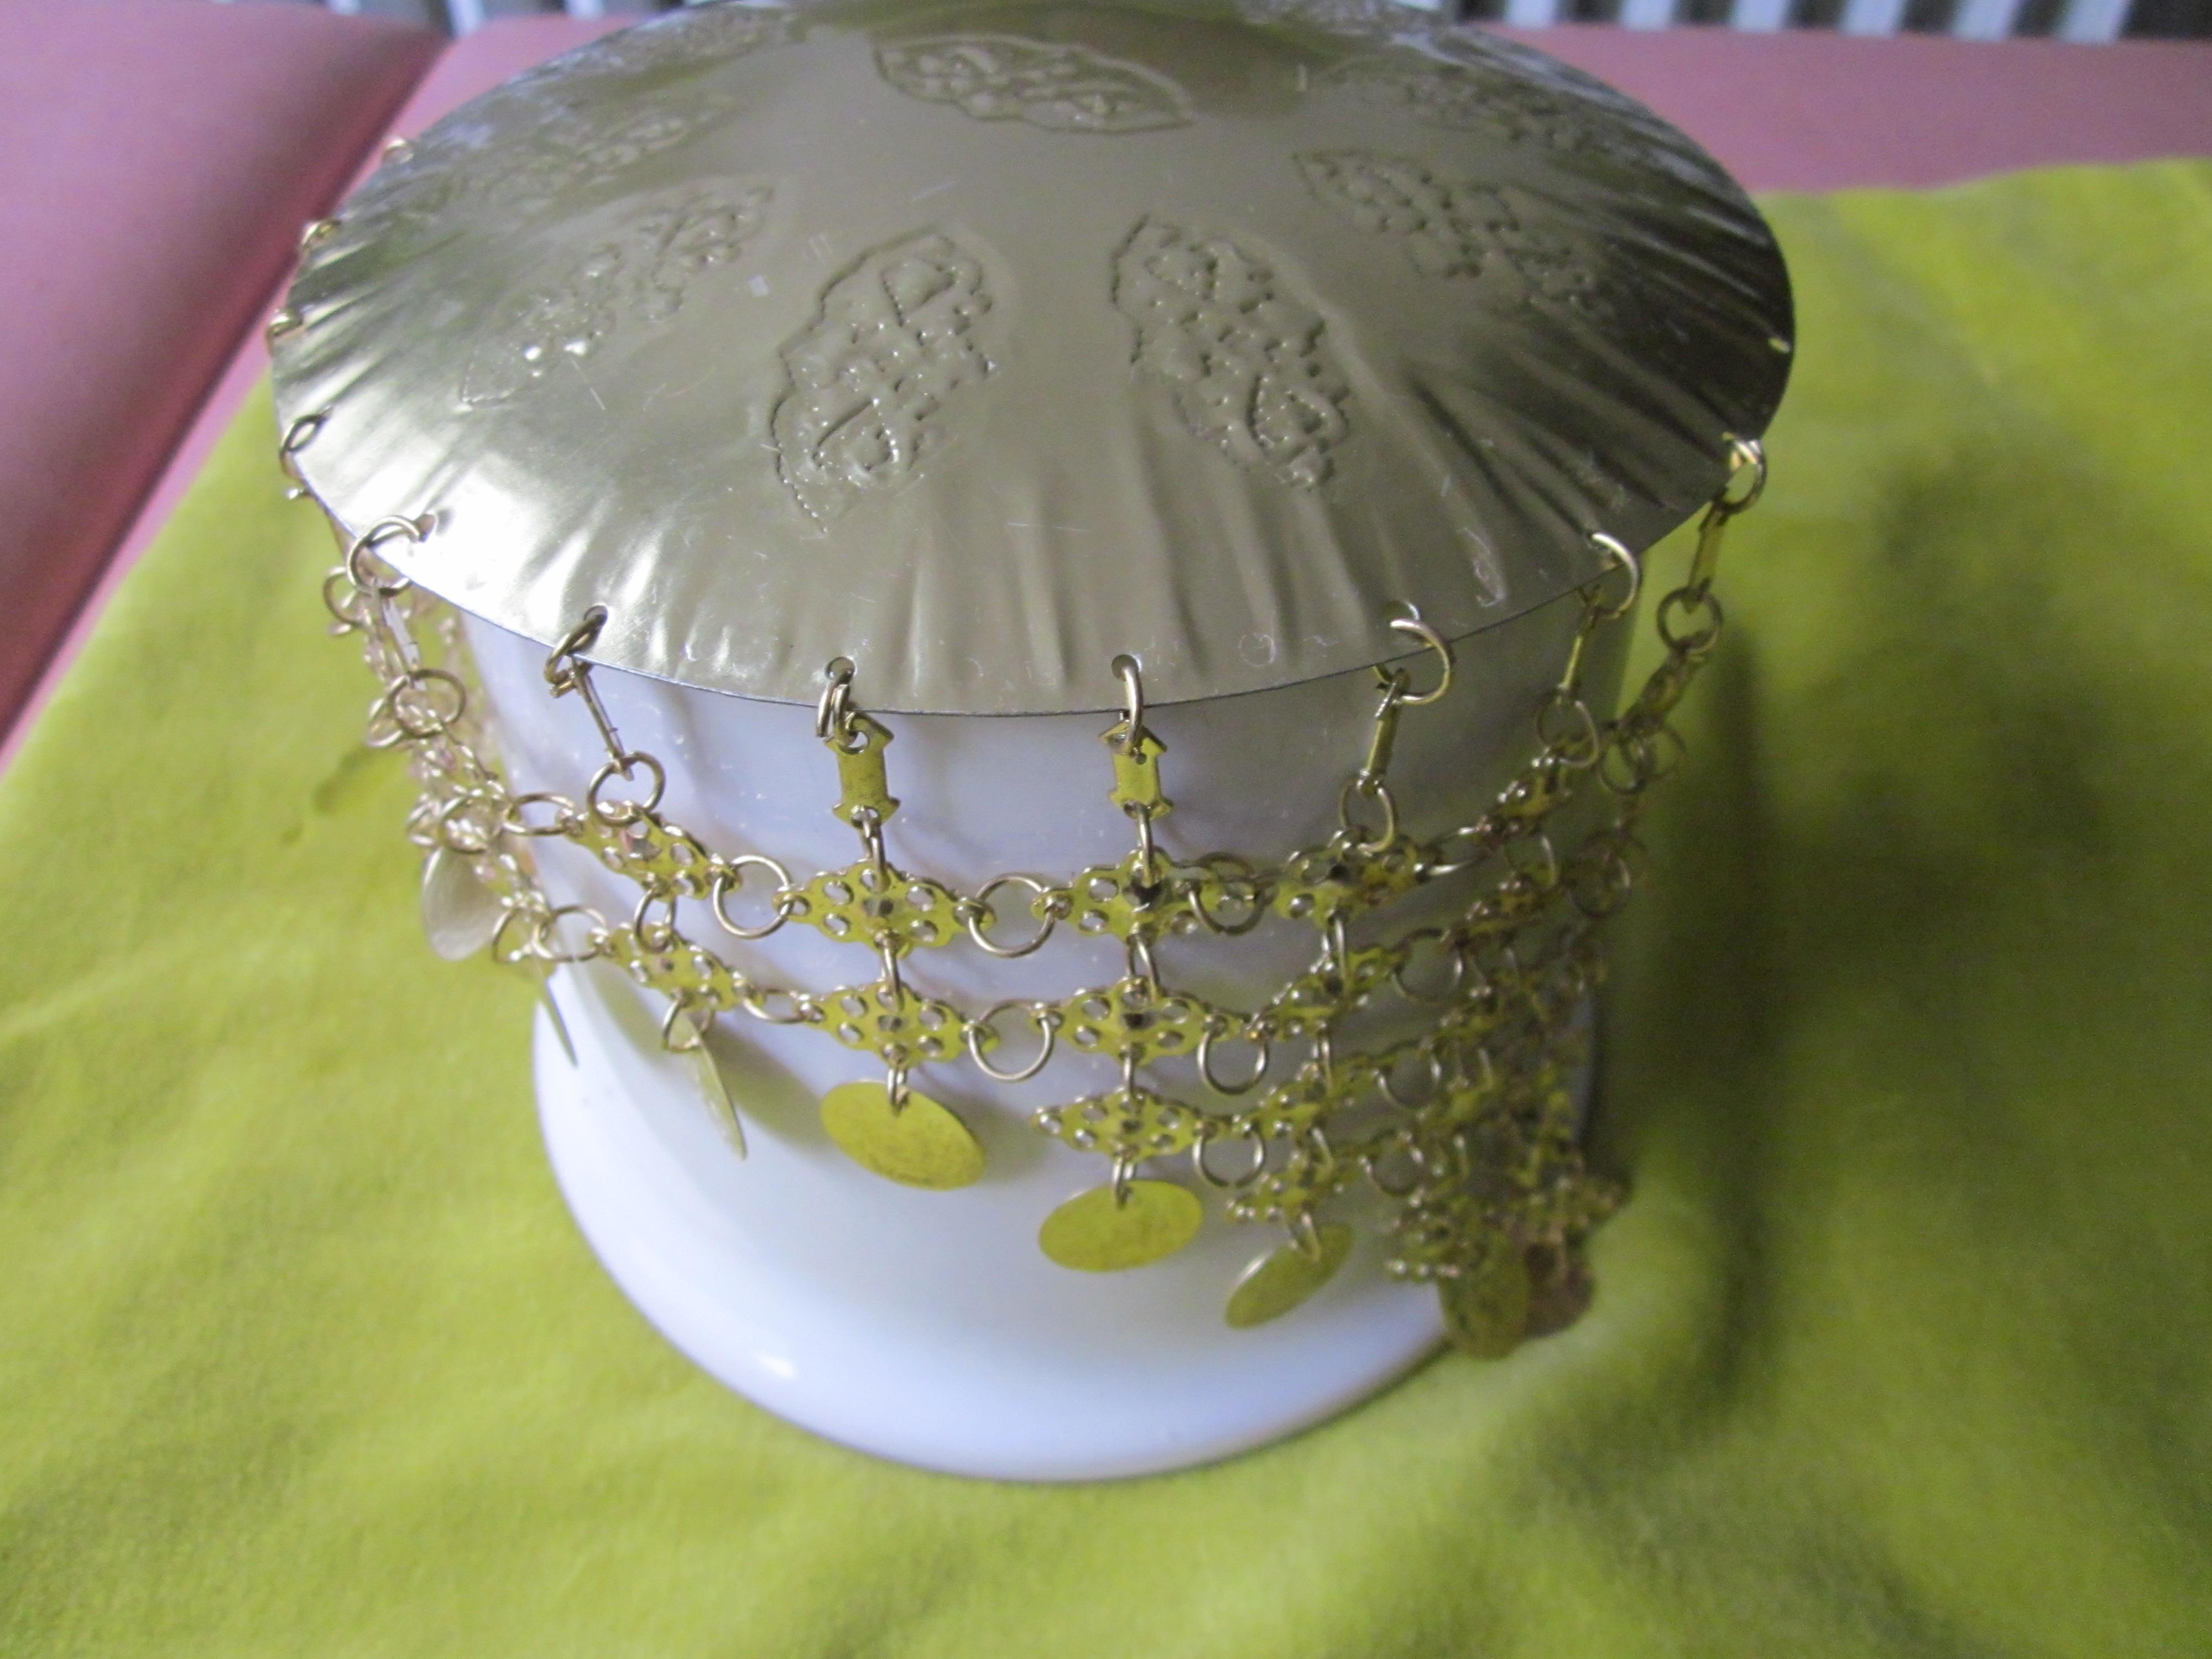 troc de troc suite décoration toques cérémonie turque image 0